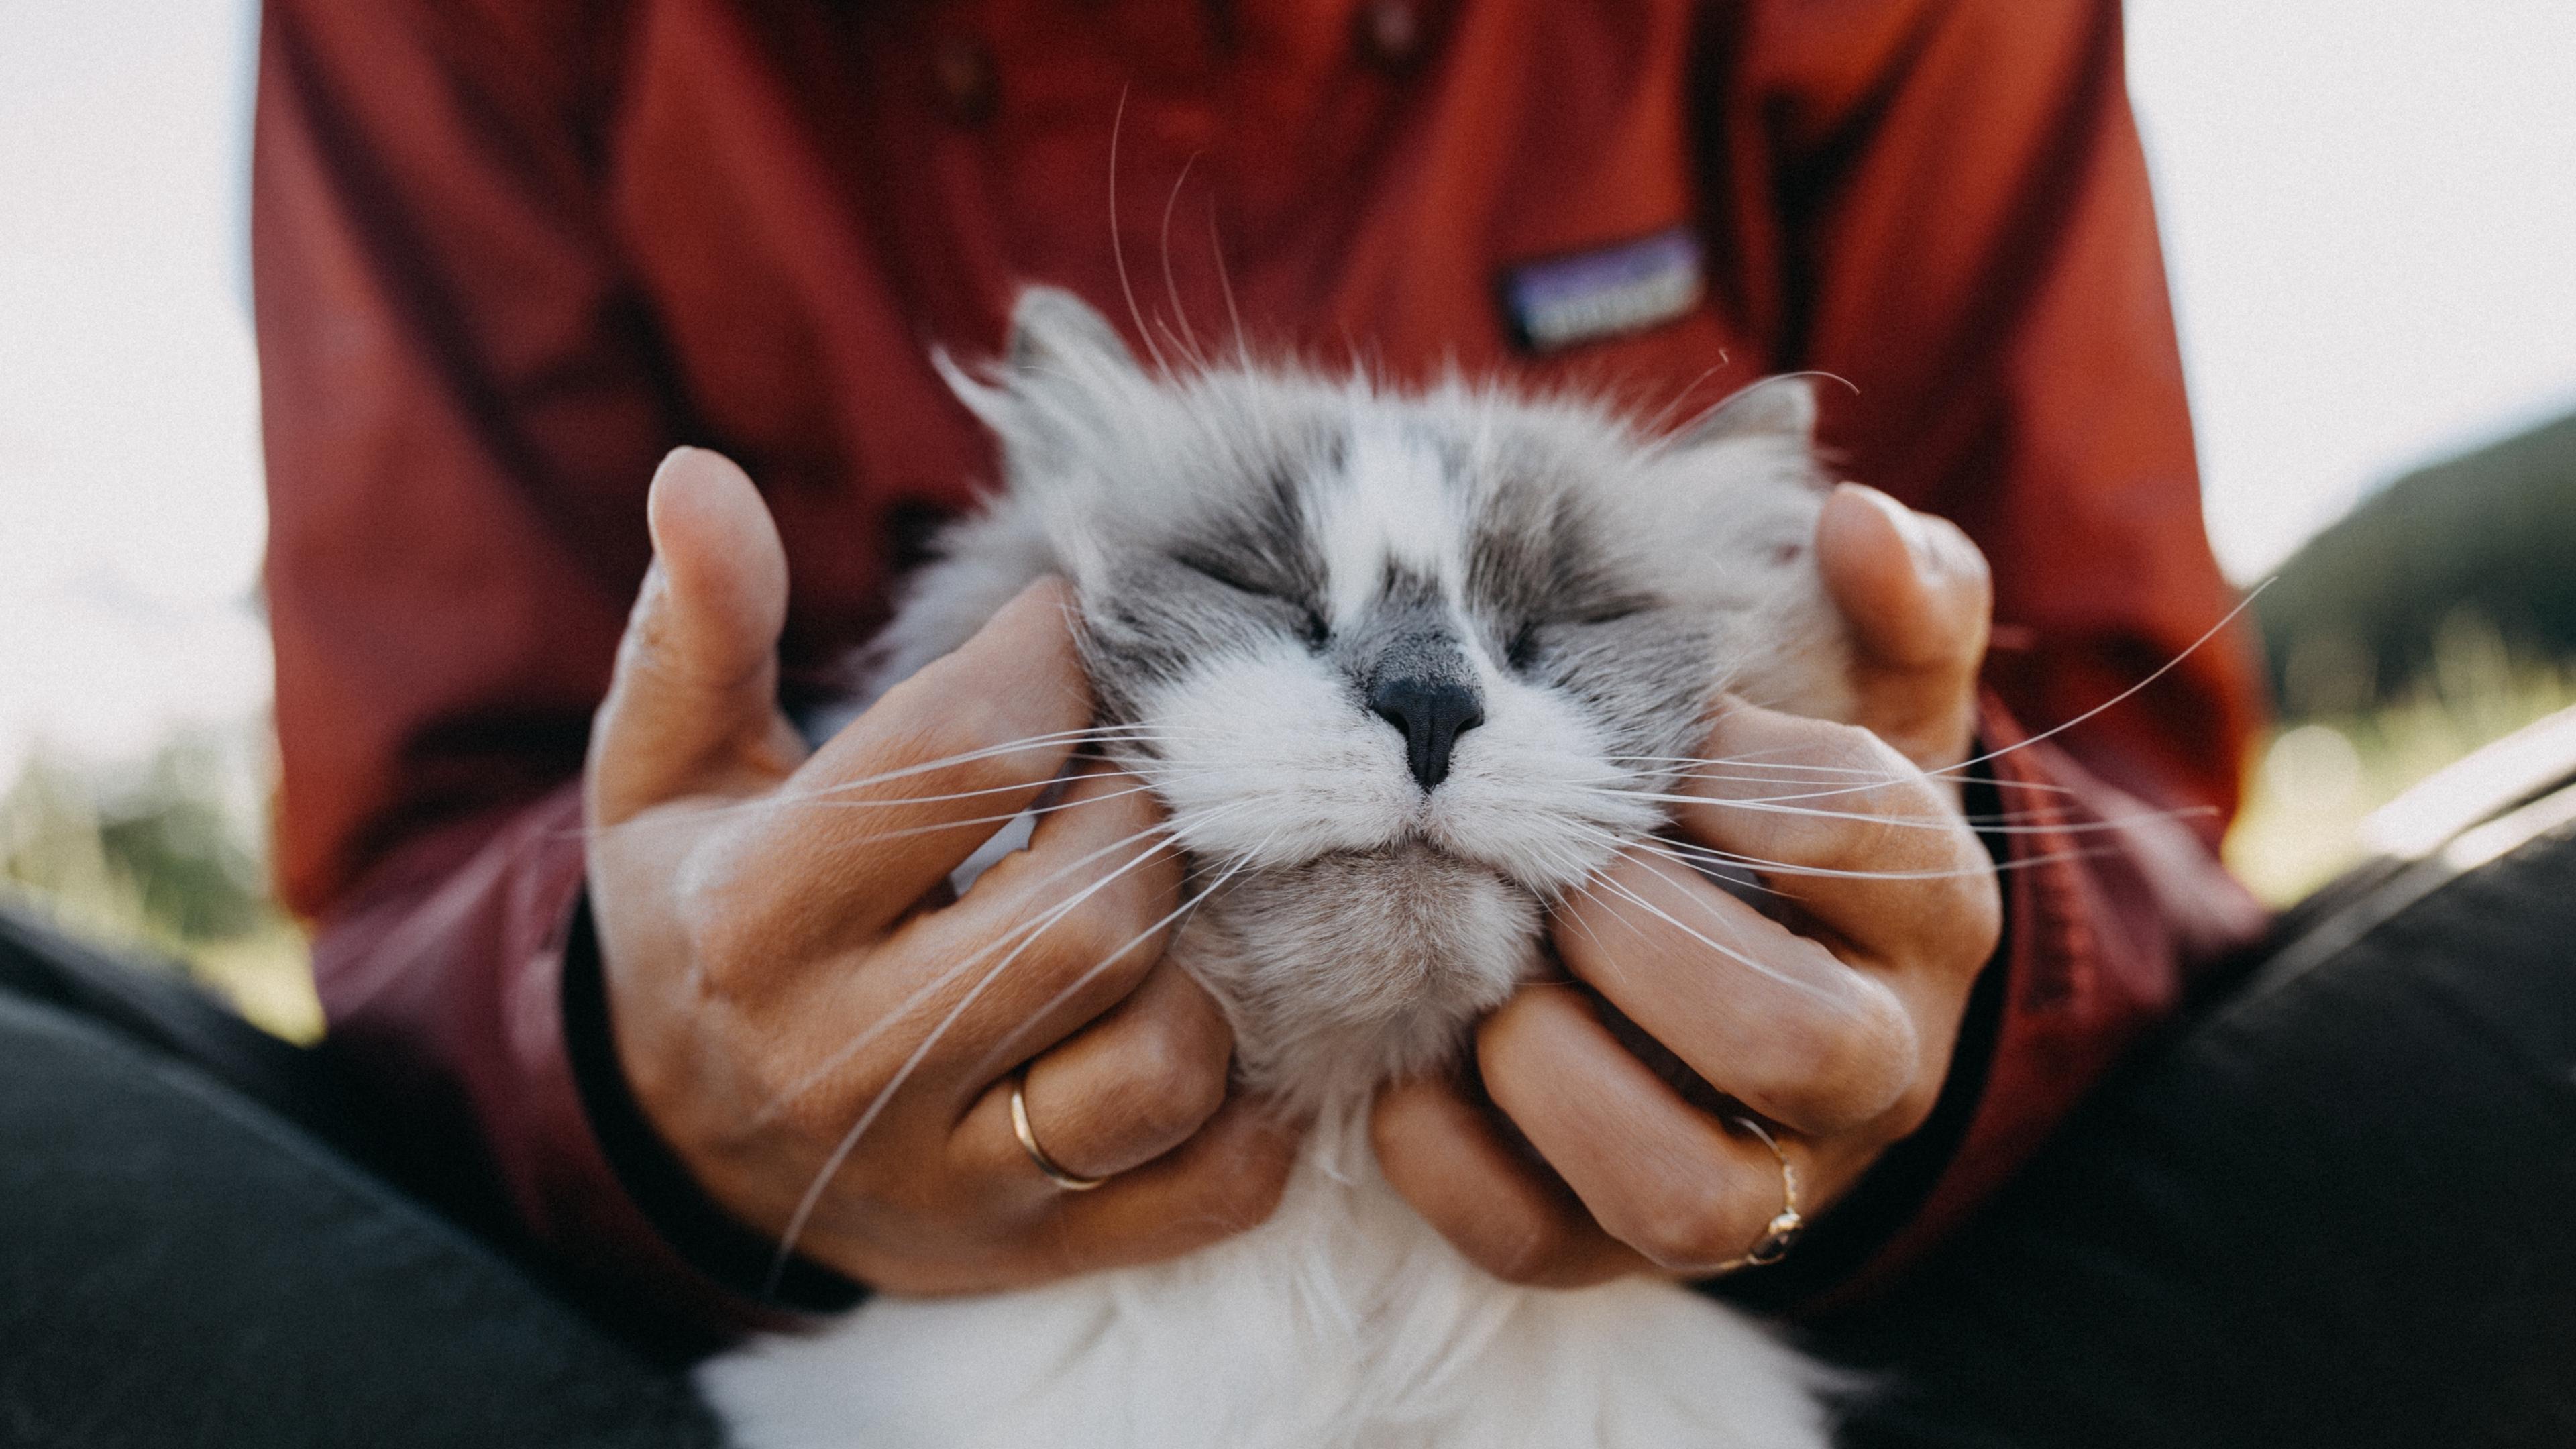 cat fluffy hands tenderness 4k 1542241499 - cat, fluffy, hands, tenderness 4k - Hands, fluffy, Cat